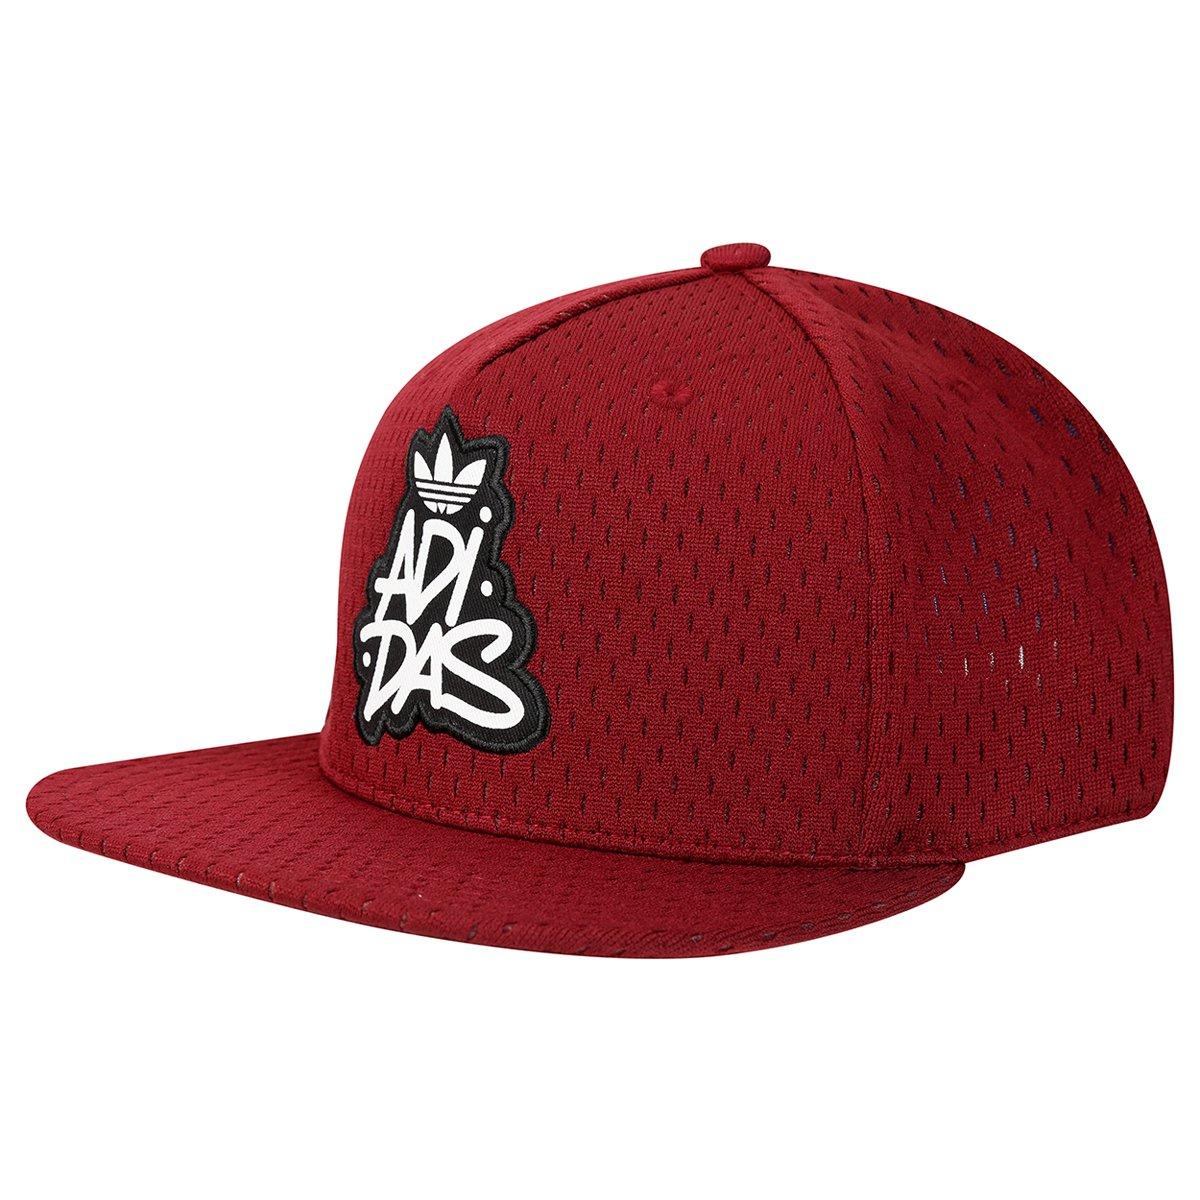 Boné Adidas Originals Fb Cap Mesh - Compre Agora  a6e2774af13